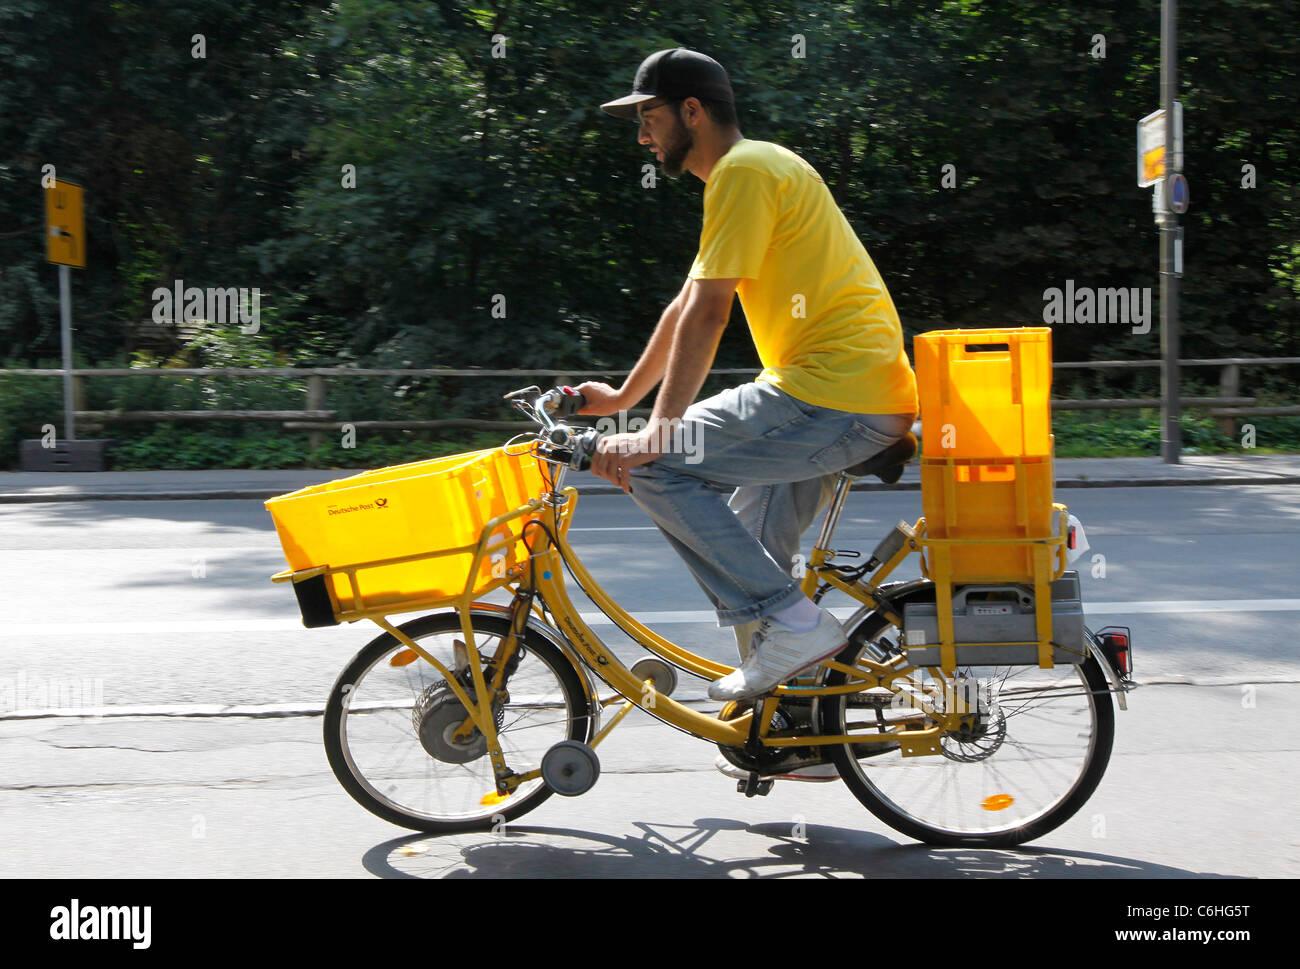 Postbote Reiten auf Elektro-Fahrrad, Pedelec, Ebike, e-Bike, Dortmund, Deutschland Stockbild